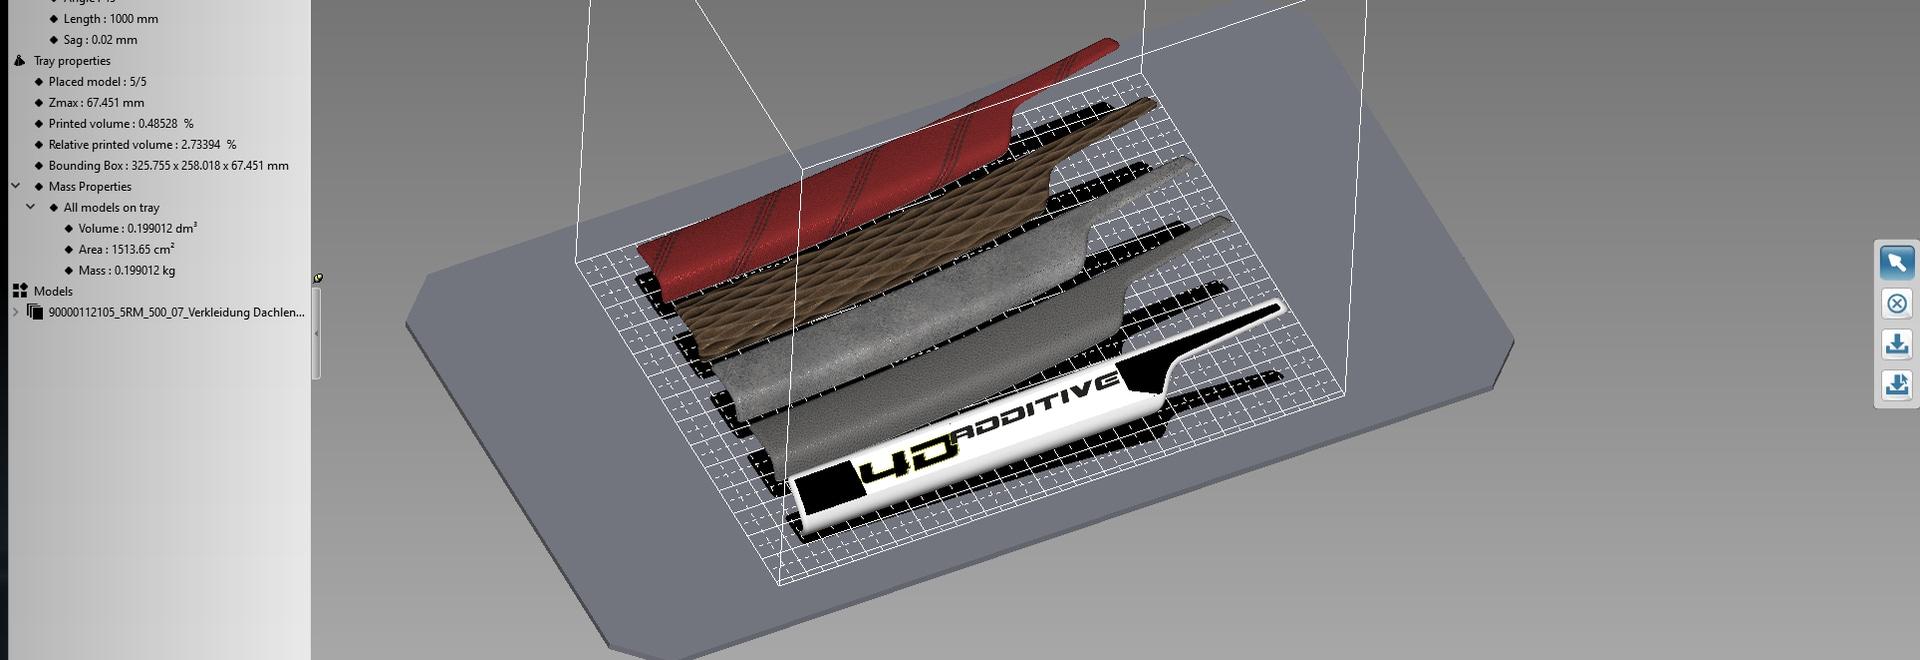 La preparación de los datos del cad para 3D la impresión con 4D_Additive, datos del cad de todos los formatos importantes 3D se puede procesar para la impresión 3D dentro del espacio más corto y co...